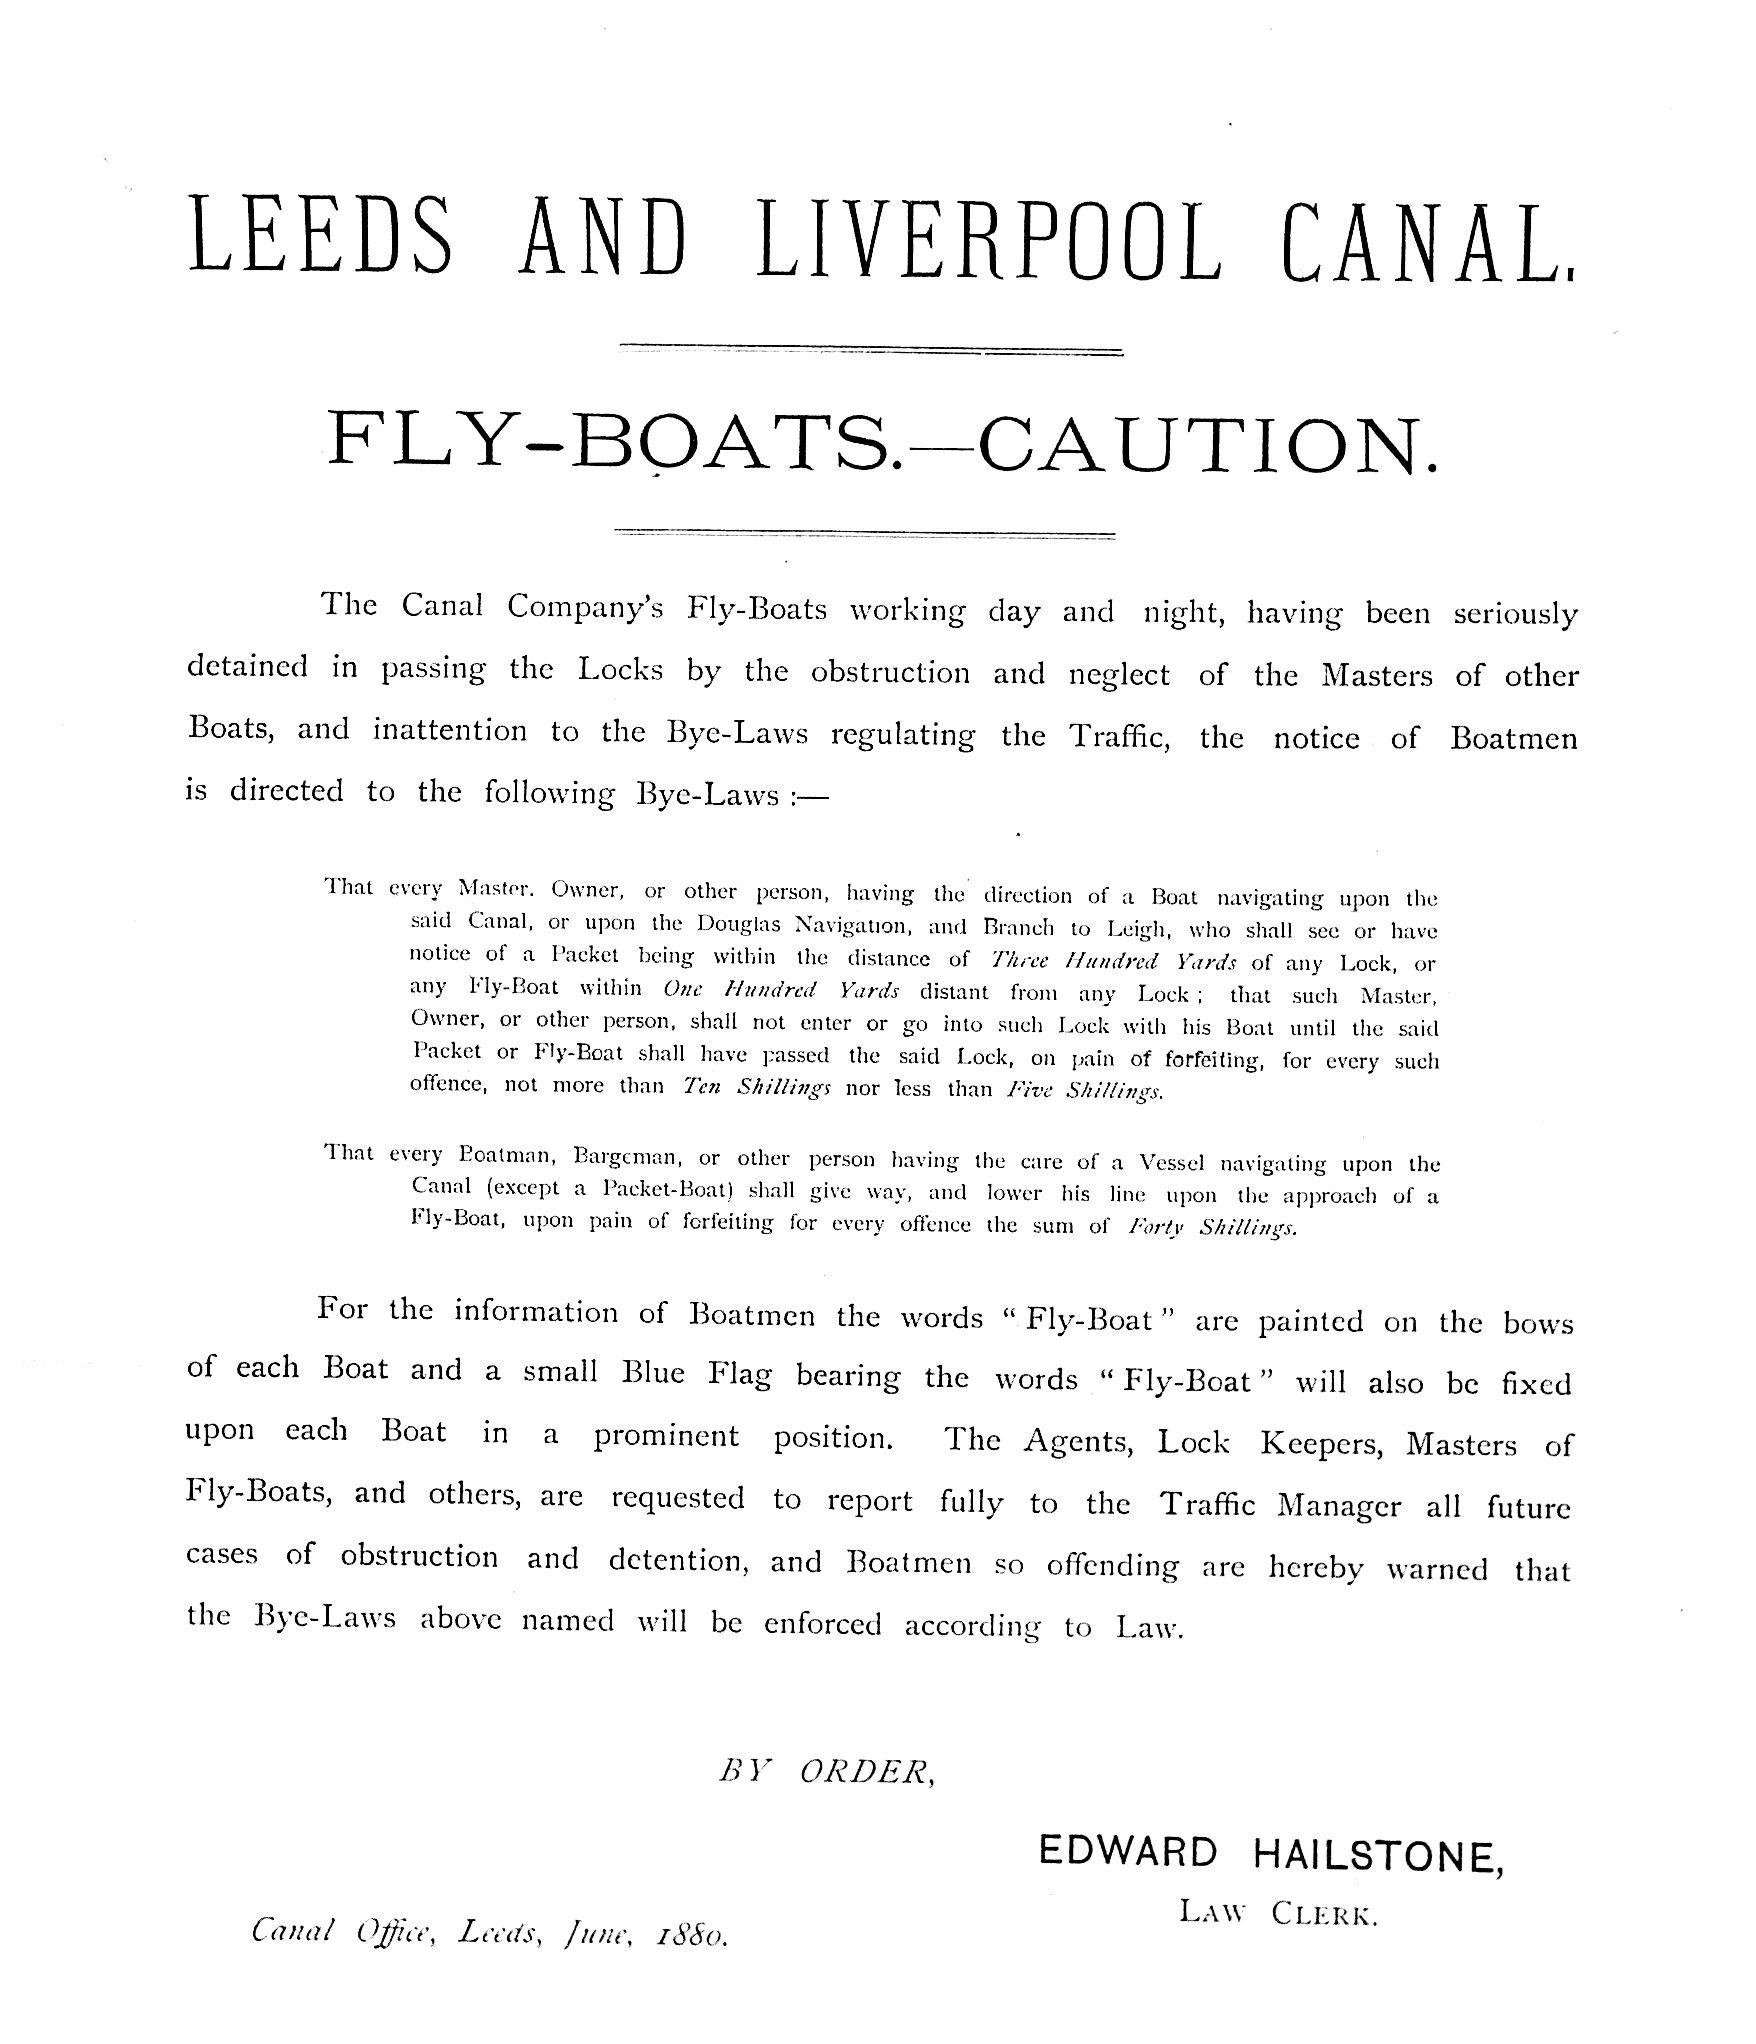 1880 fly boat notice.JPG